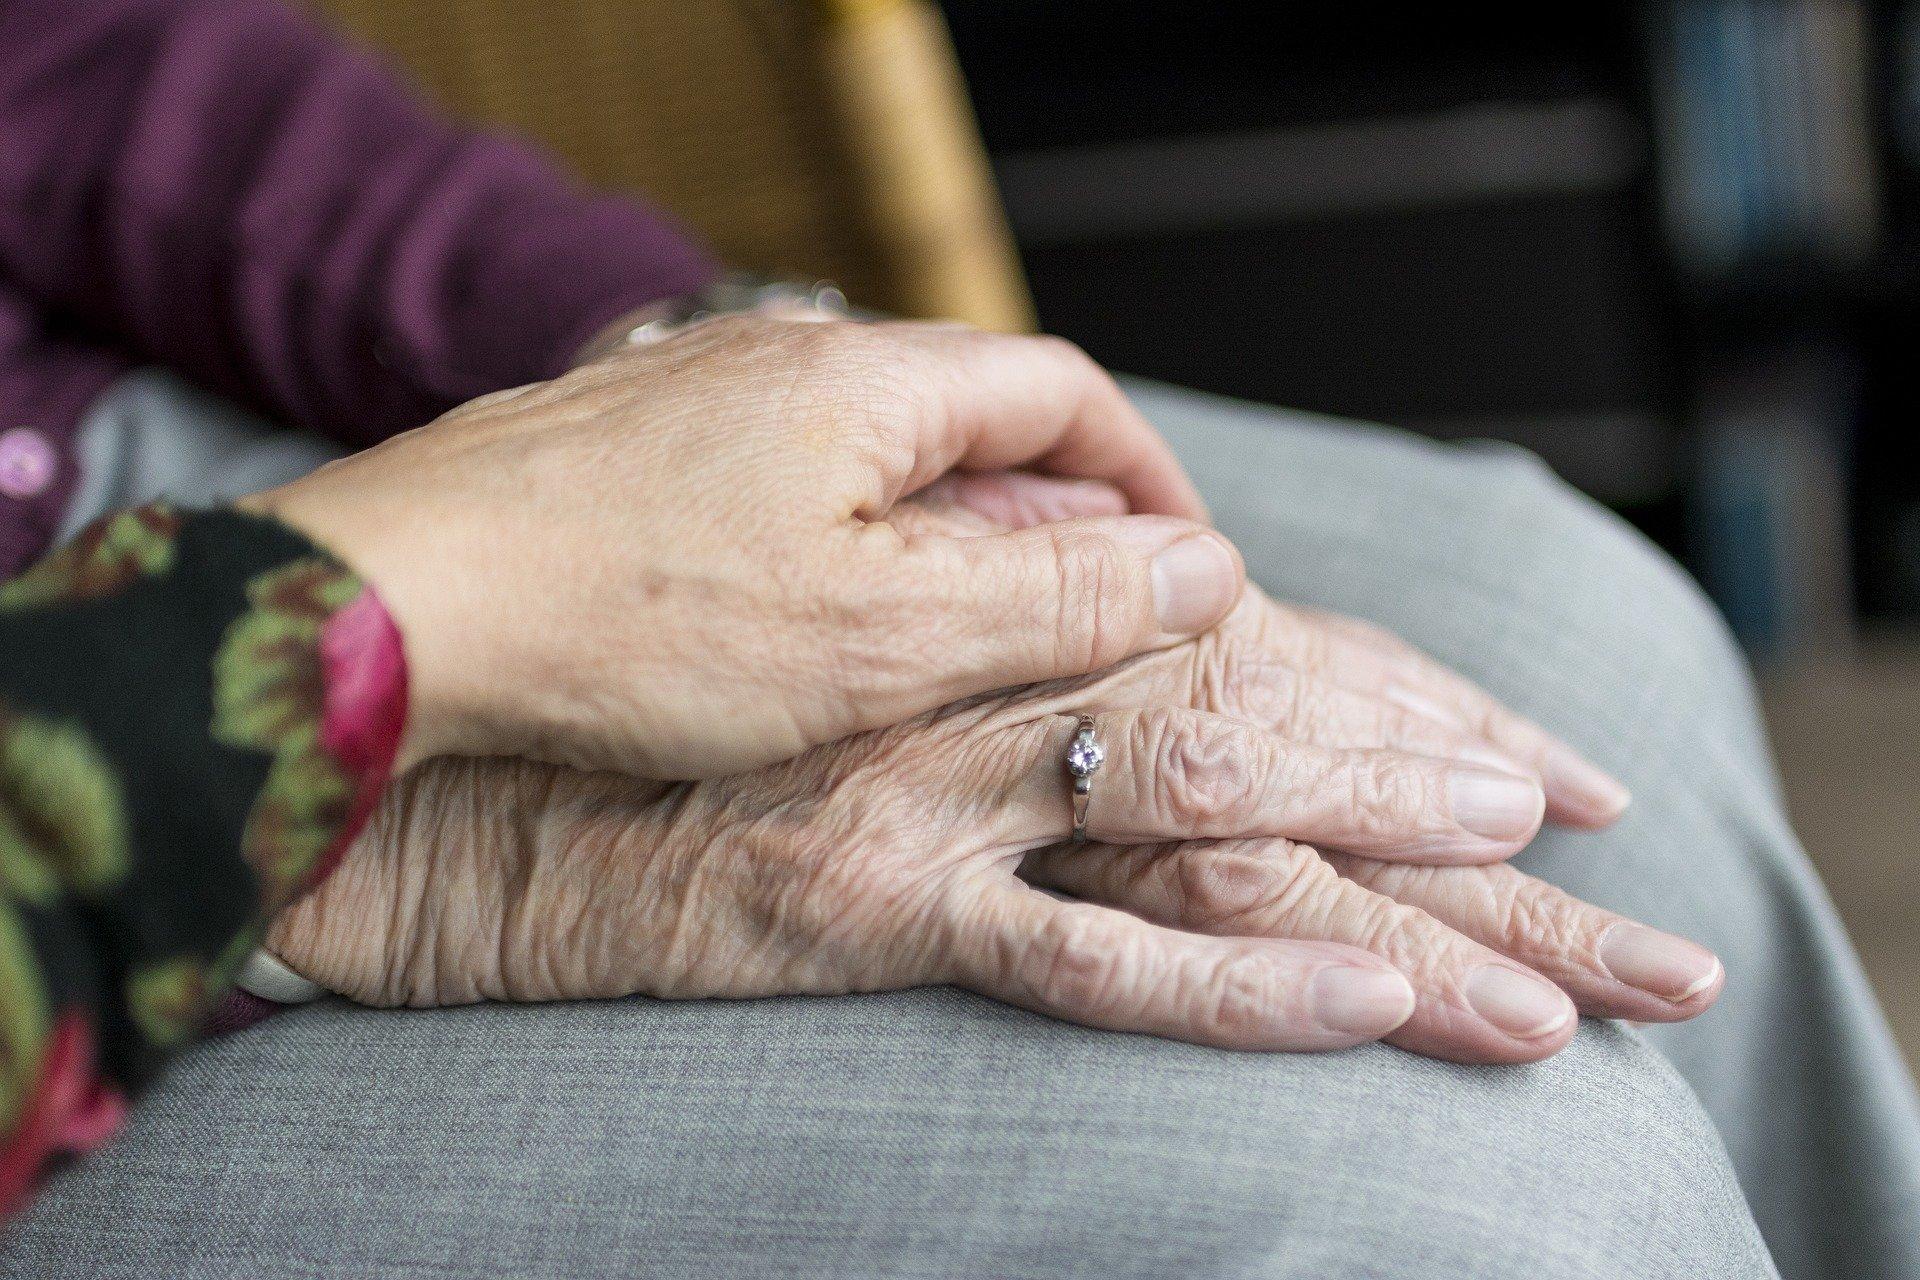 Se savoir protégé par une assurance obsèques, rend plus serein au quotidien